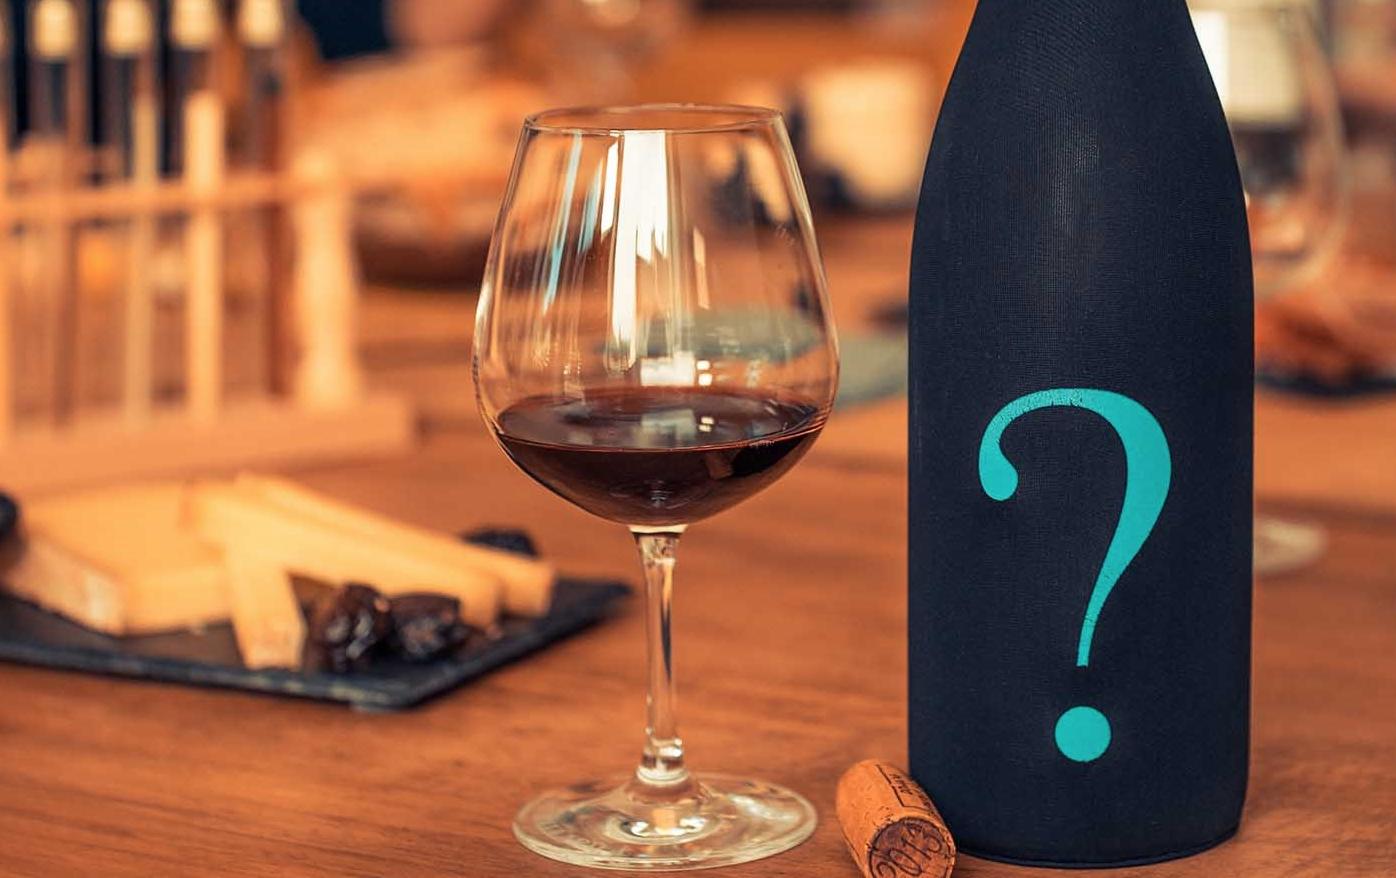 【ワイン初心者向け】テイスティング上達のコツと練習方法